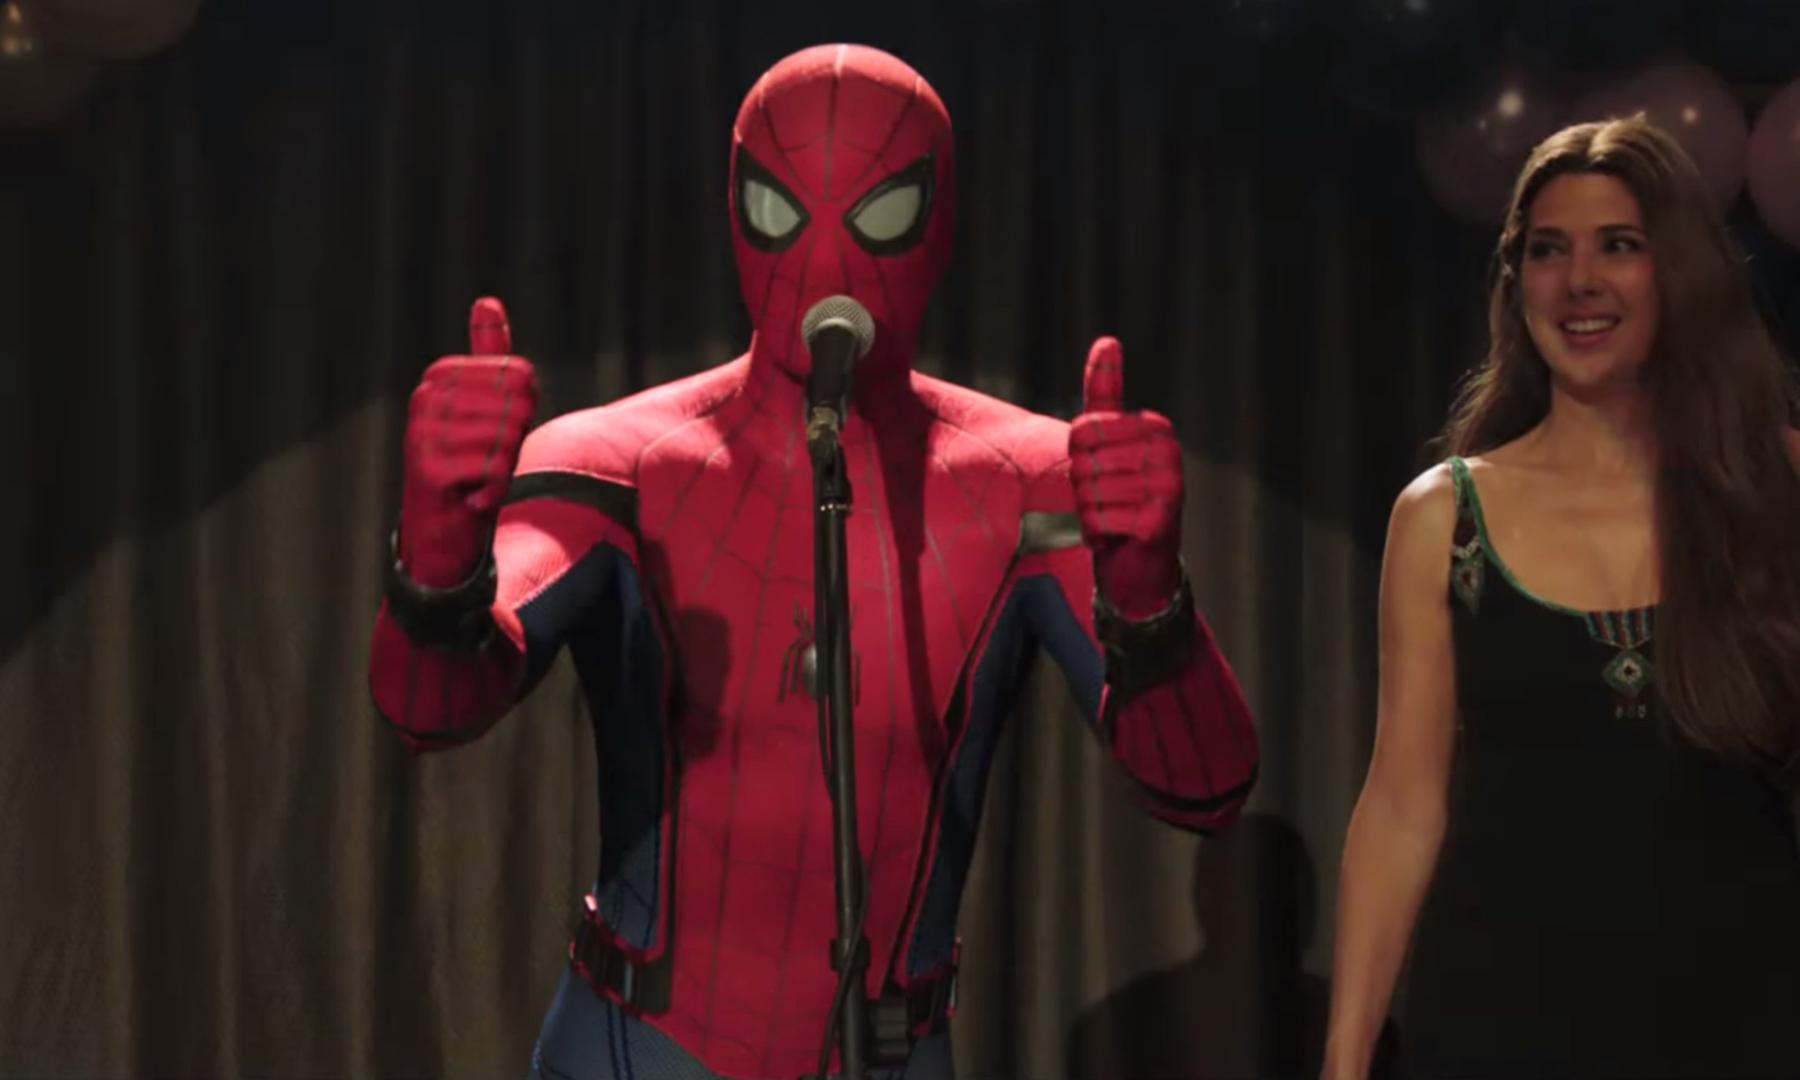 《蜘蛛侠:英雄远征》首日票房创内地第三名